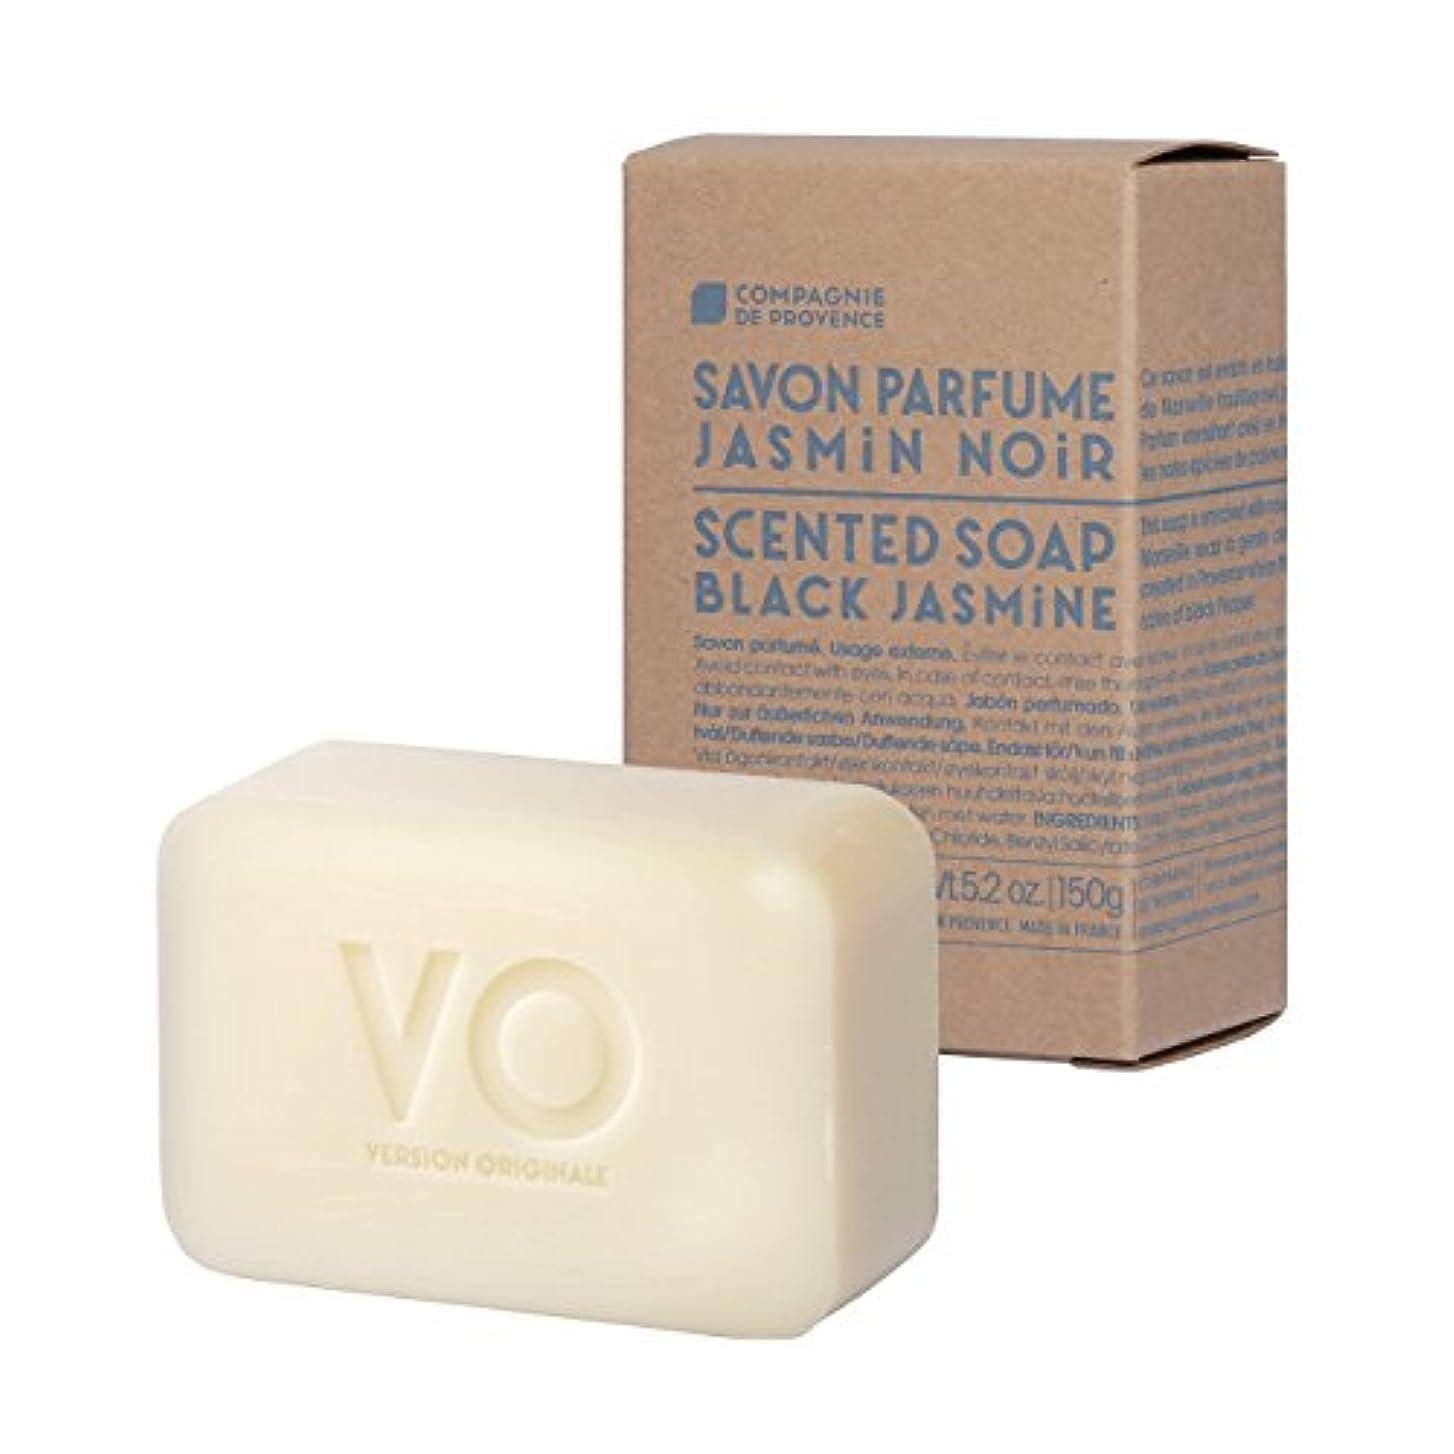 立場生産性運賃カンパニードプロバンス バージョンオリジナル センティッドソープ ブラックジャスミン(すっきりとした中にも甘さがある香り) 150g